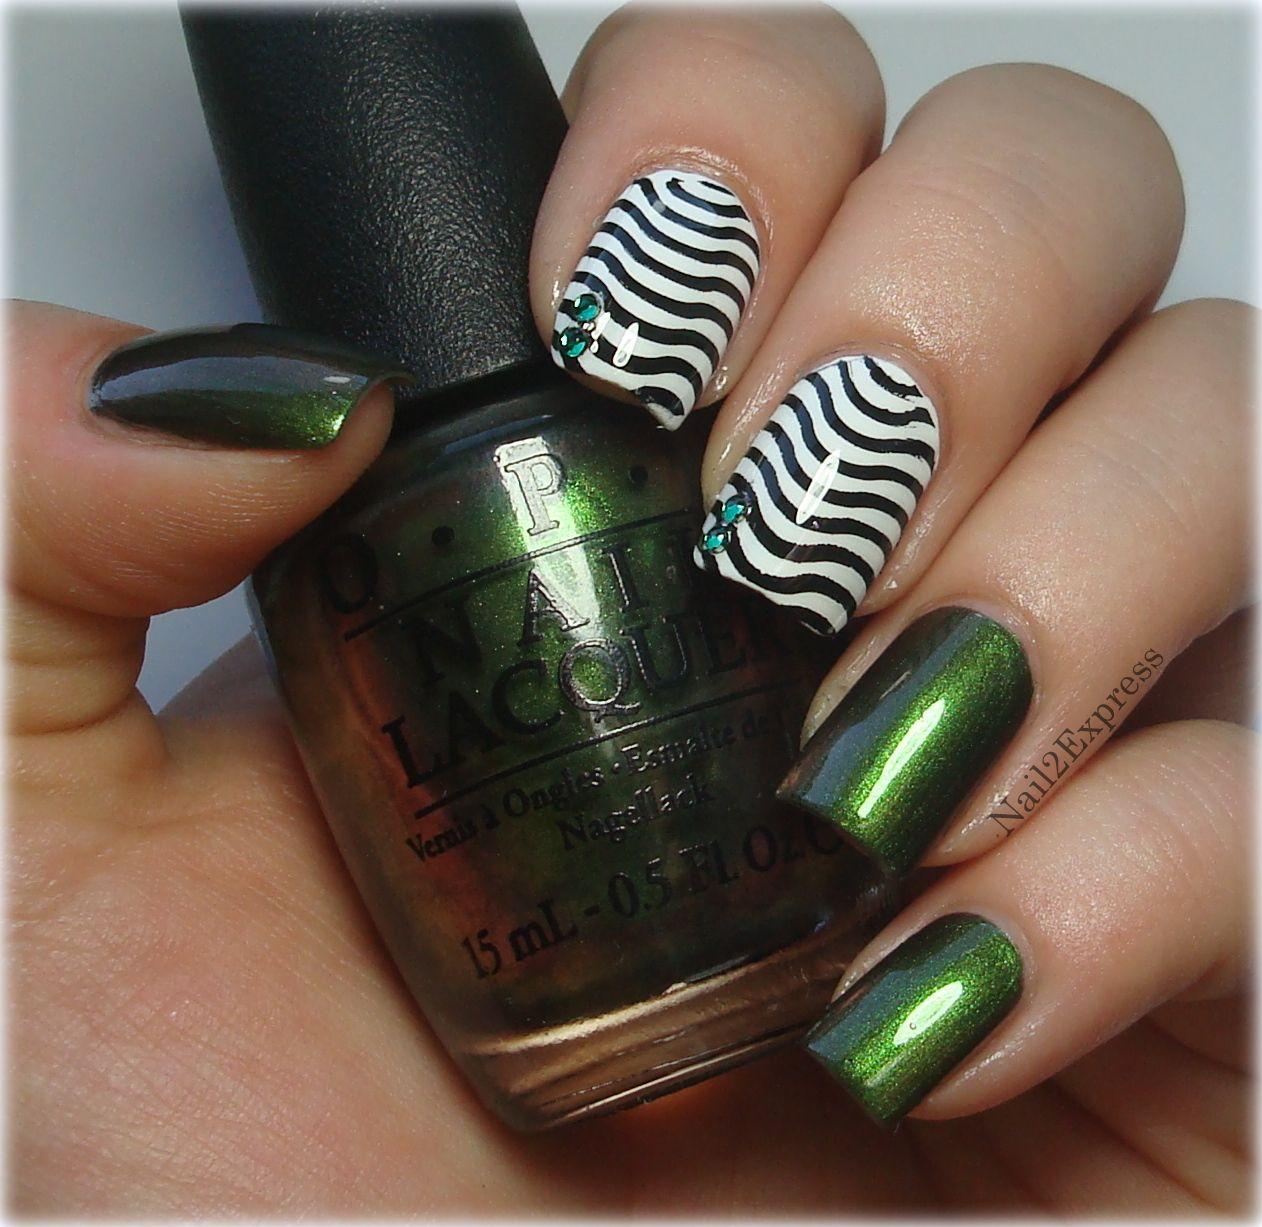 Green with konad manicure nailexpress maylenus favorite nail art